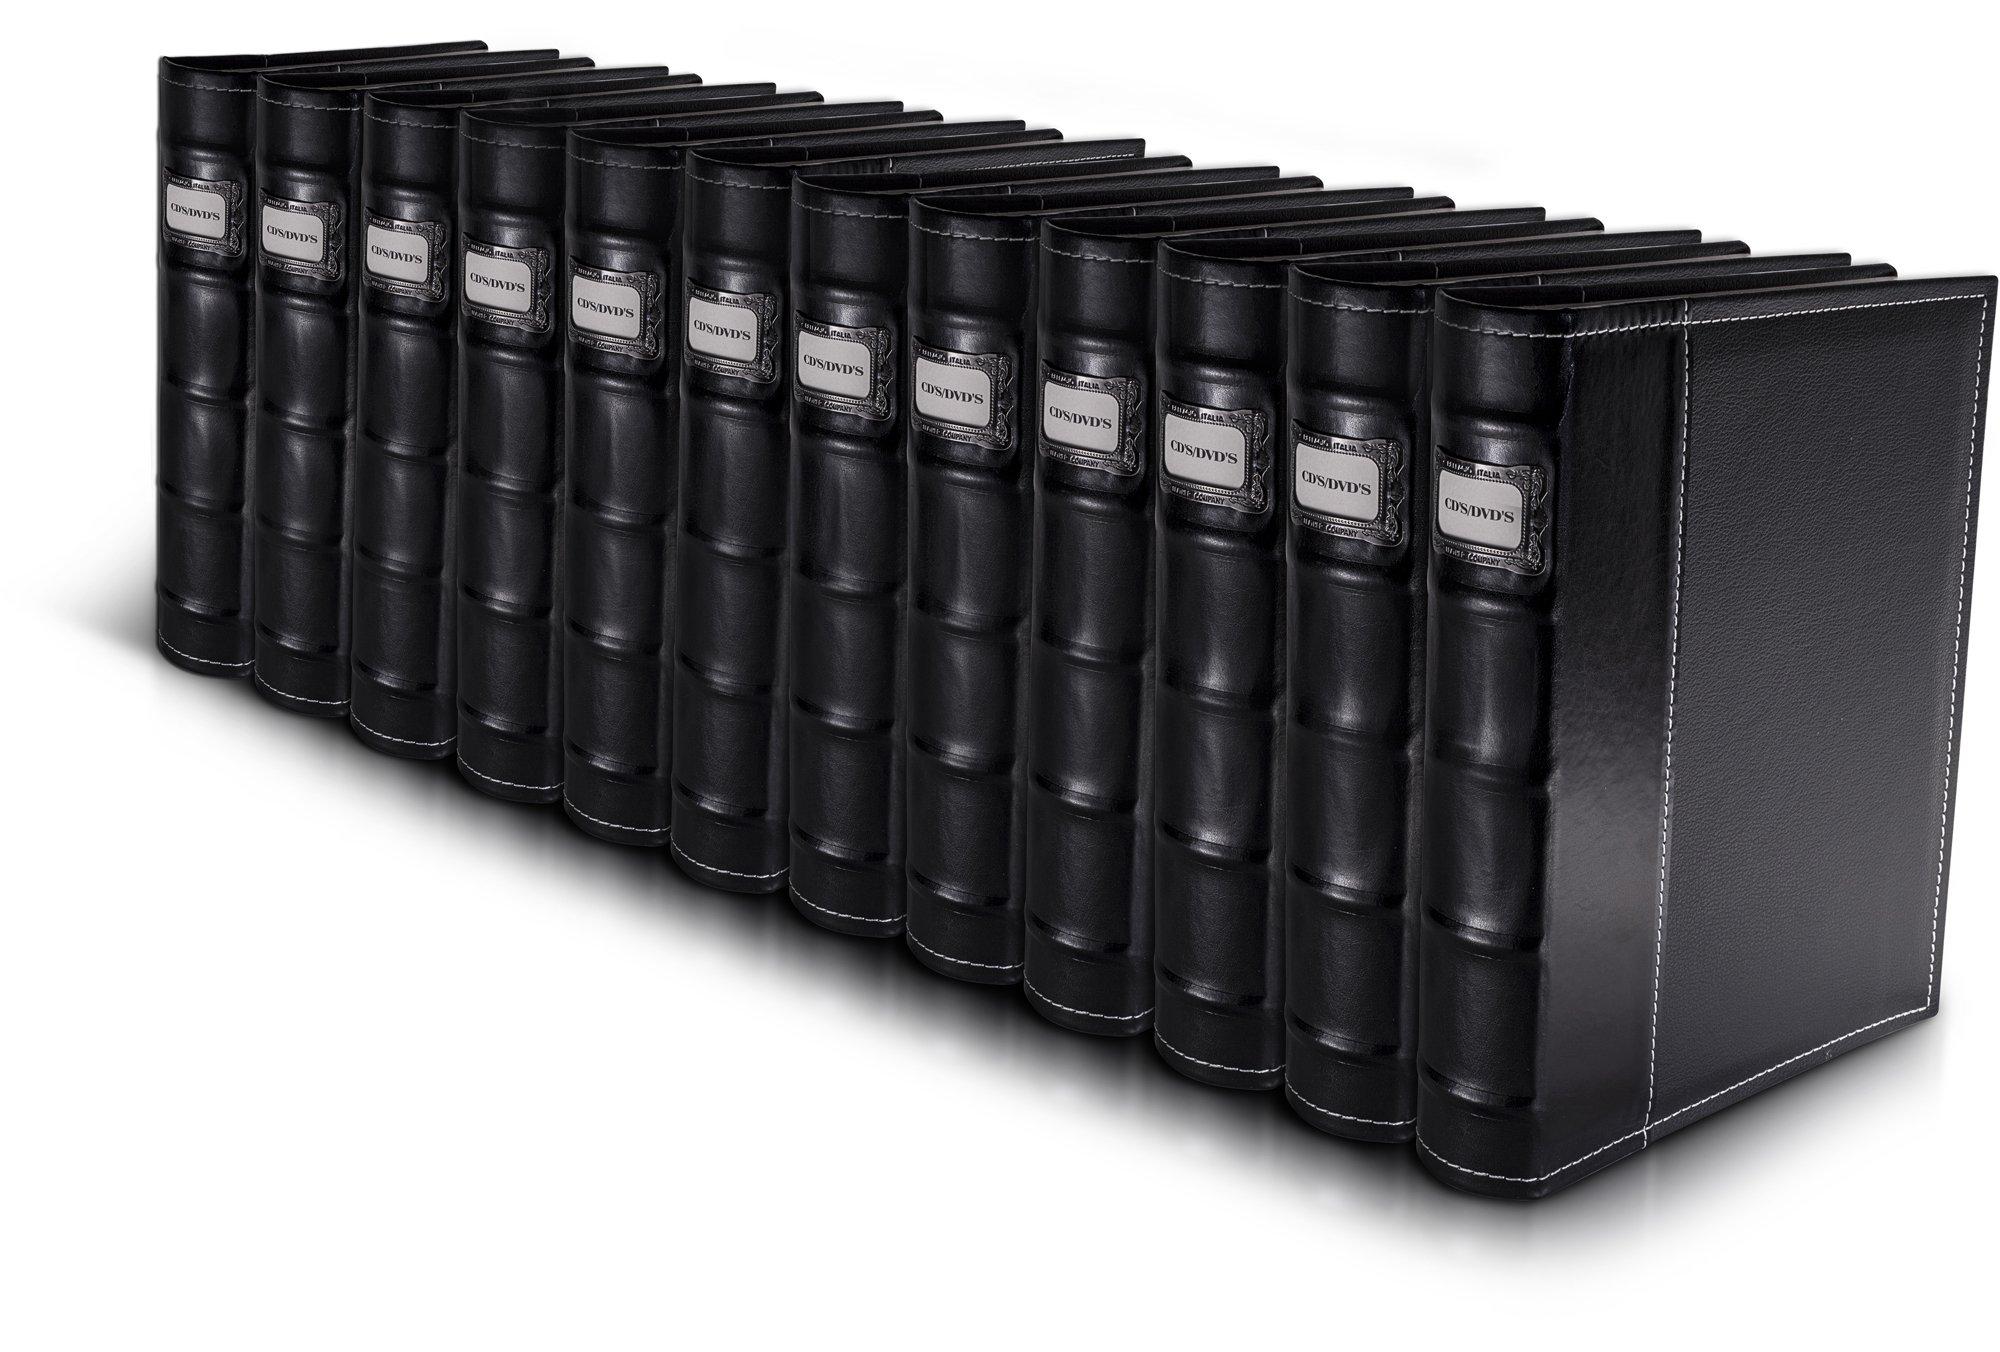 Bellagio-italia Black CD DVD Storage Binders 12 Pack